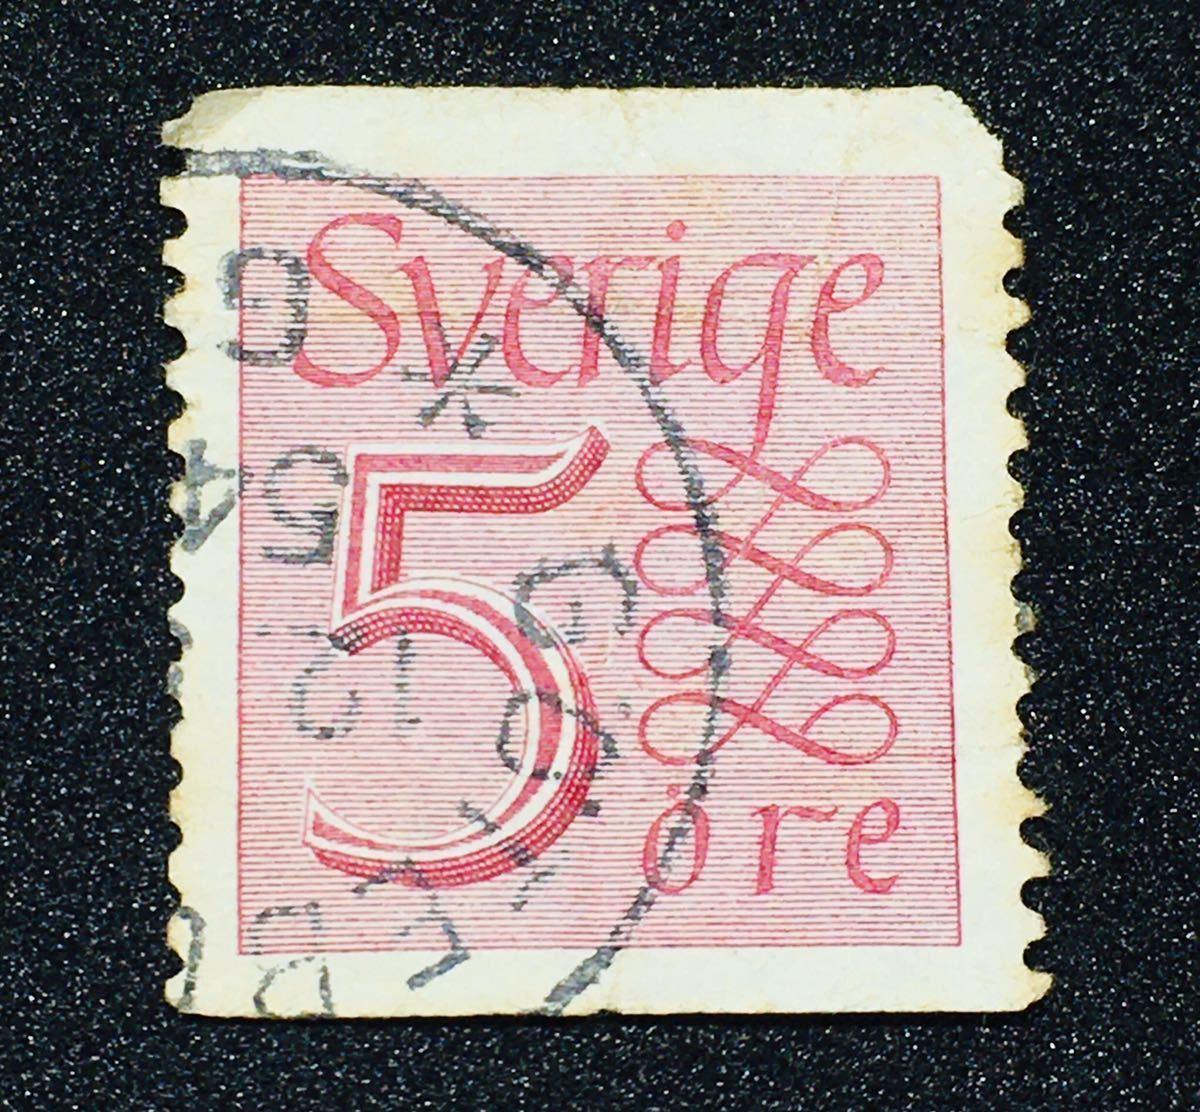 ◆ 古い 切手 海外 外国 スウェーデン ②⑥ アンティーク 骨董 ビンテージ 当時物 昭和レトロ 年代物 古物 郵便 戦前 戦後 国際 消印_画像1